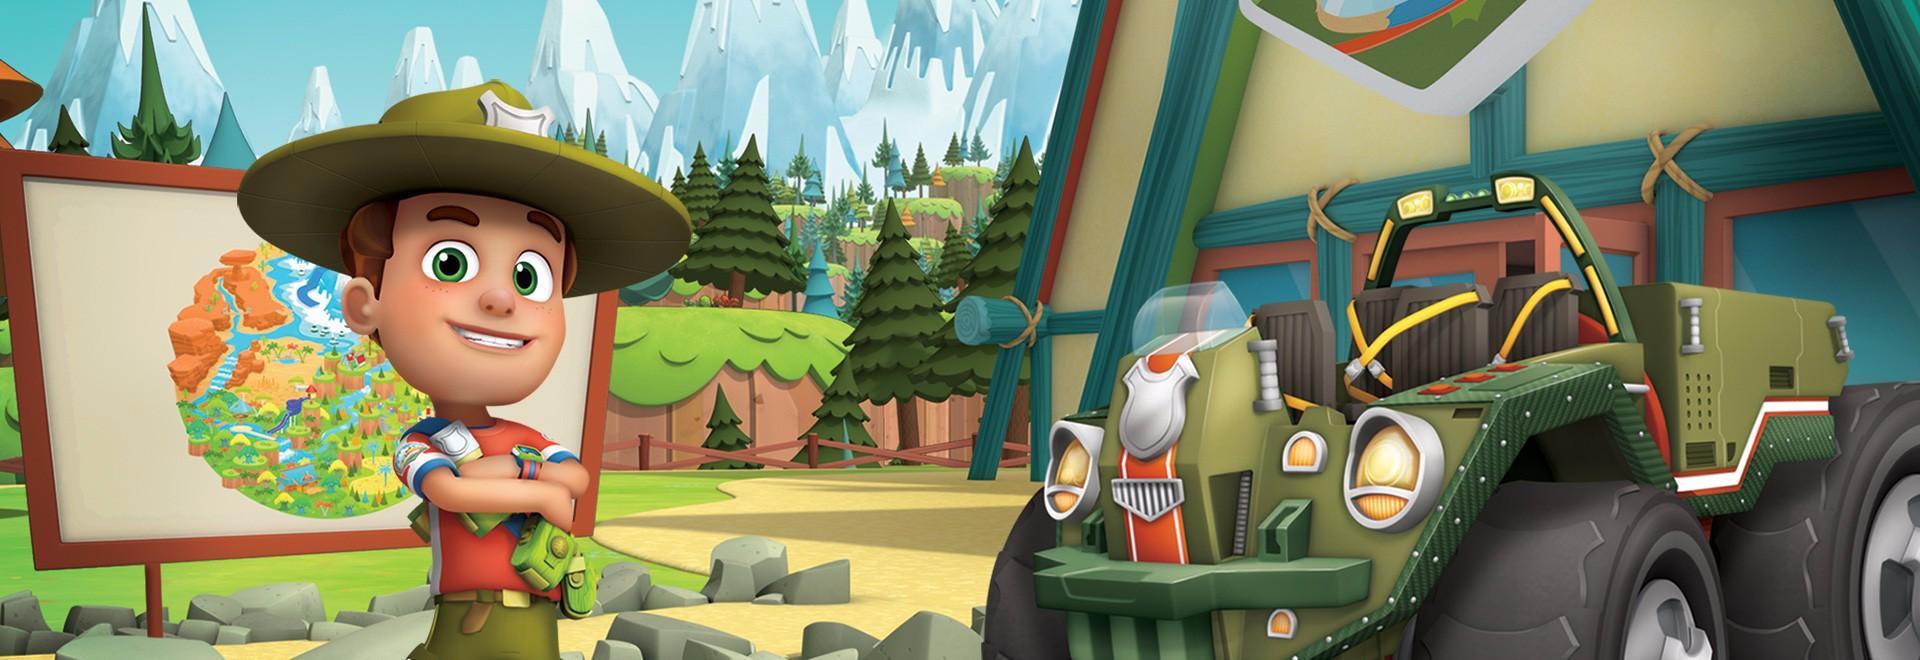 Ranger Rob e il salvataggio del pinguino / Il mio piccolo ranger